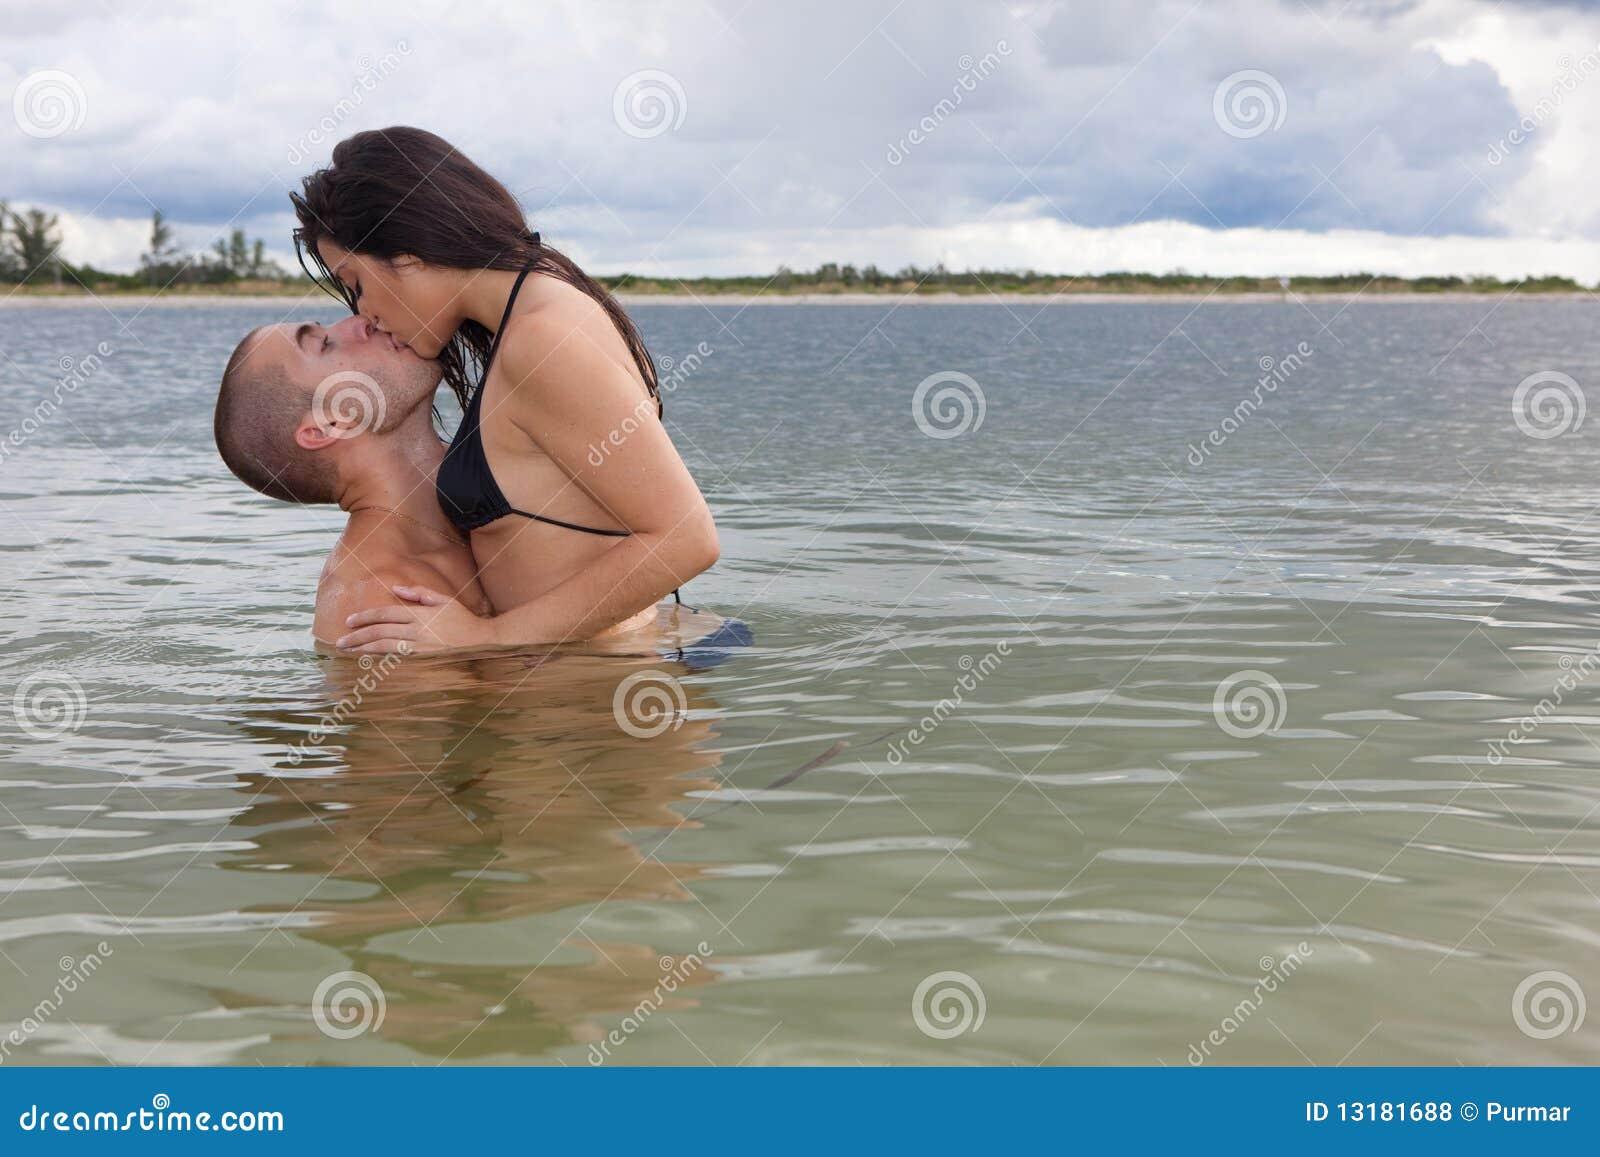 Fotos de sexo en la playa